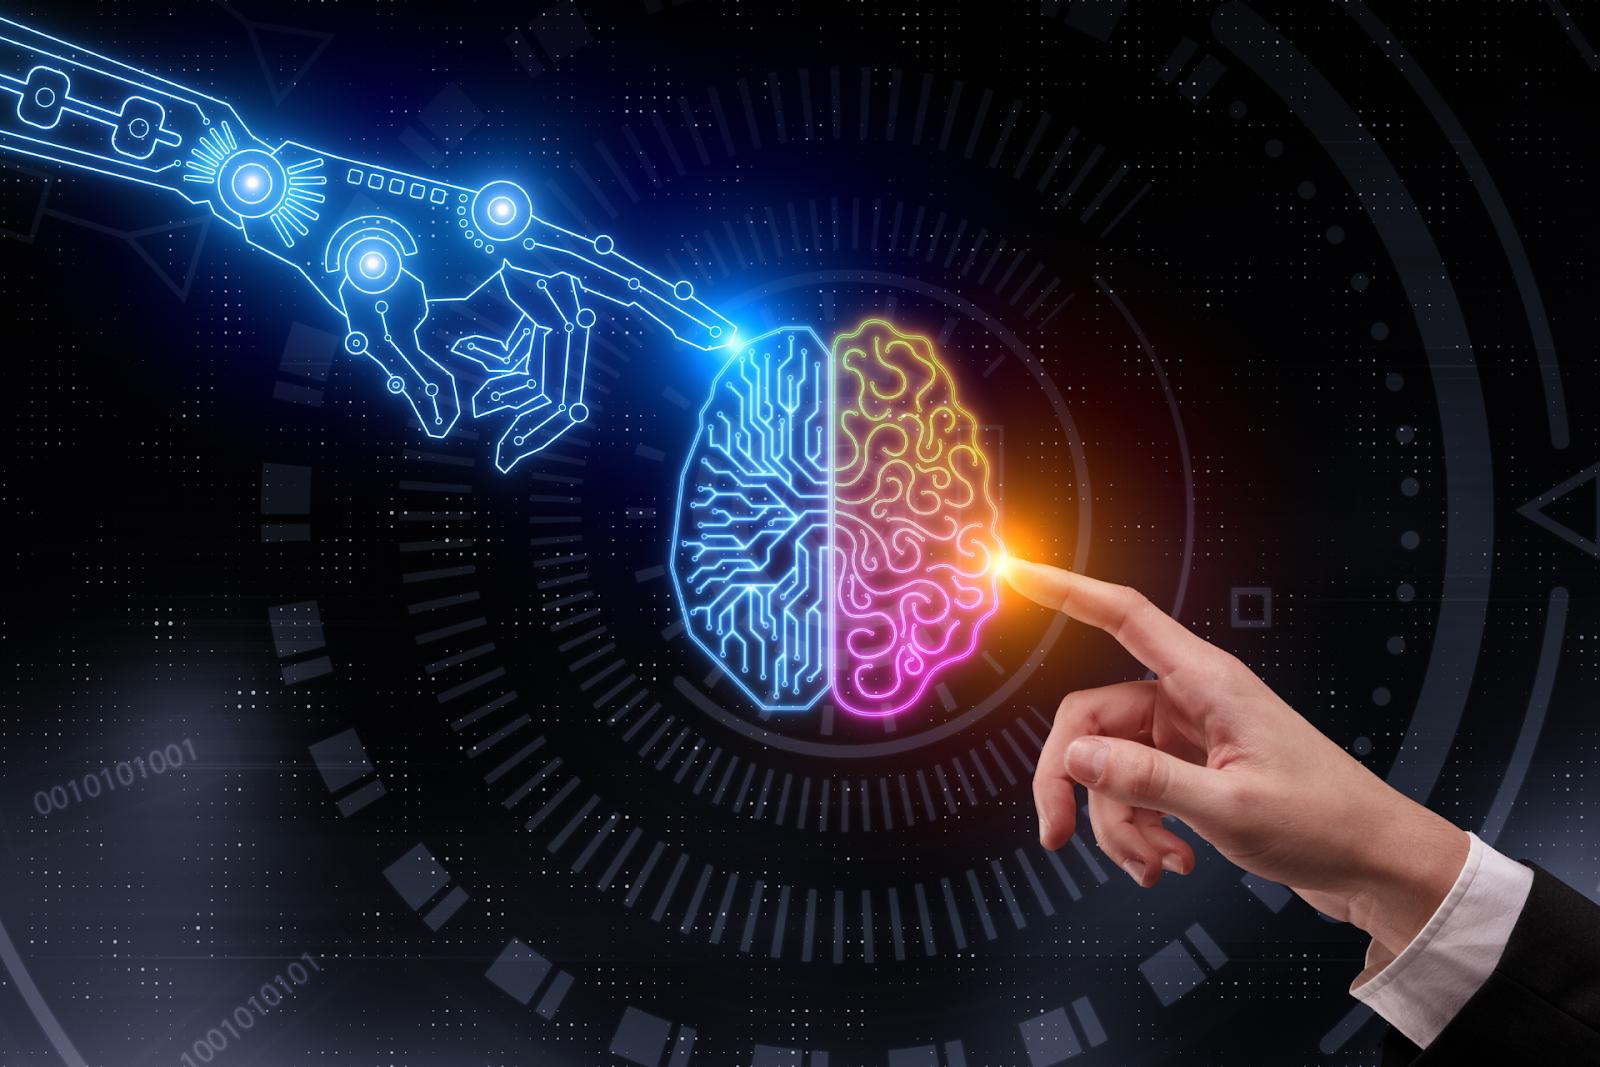 robotic hand and human hand